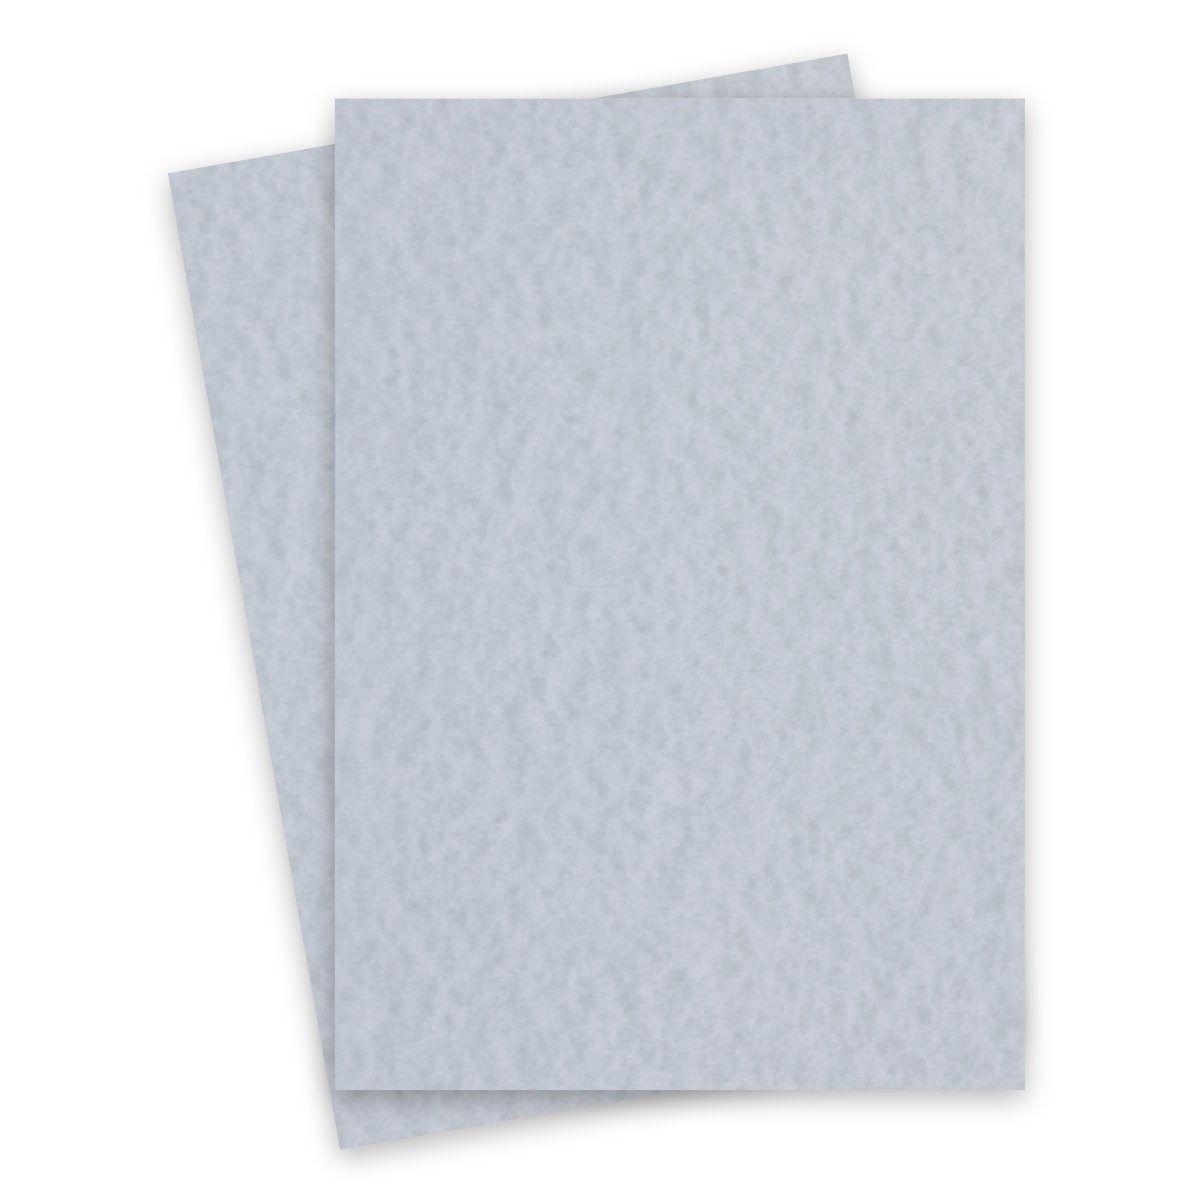 Parchtone Gunmetal 8 5 X 14 Parchment Card Stock 80lb Cover 200 Pk Parchment Cards Gunmetal Paper